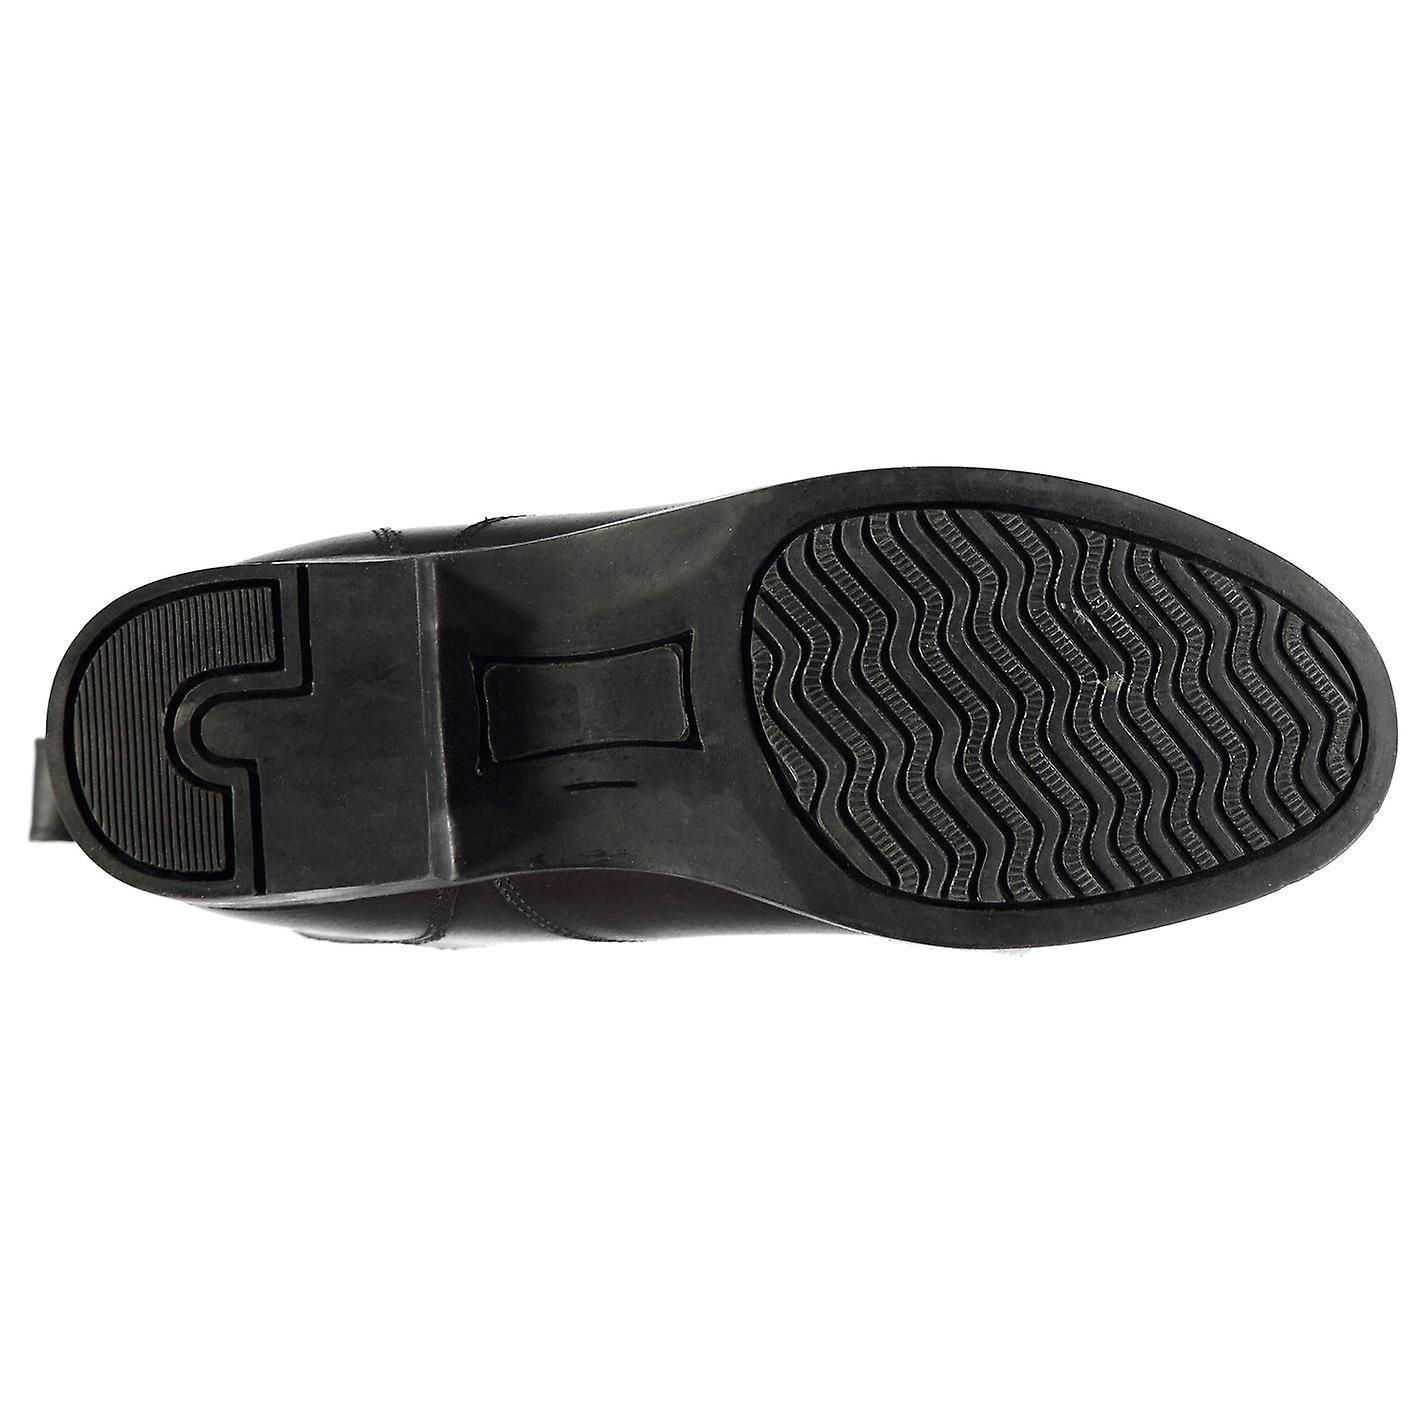 Brogini dame Margate støvler damer